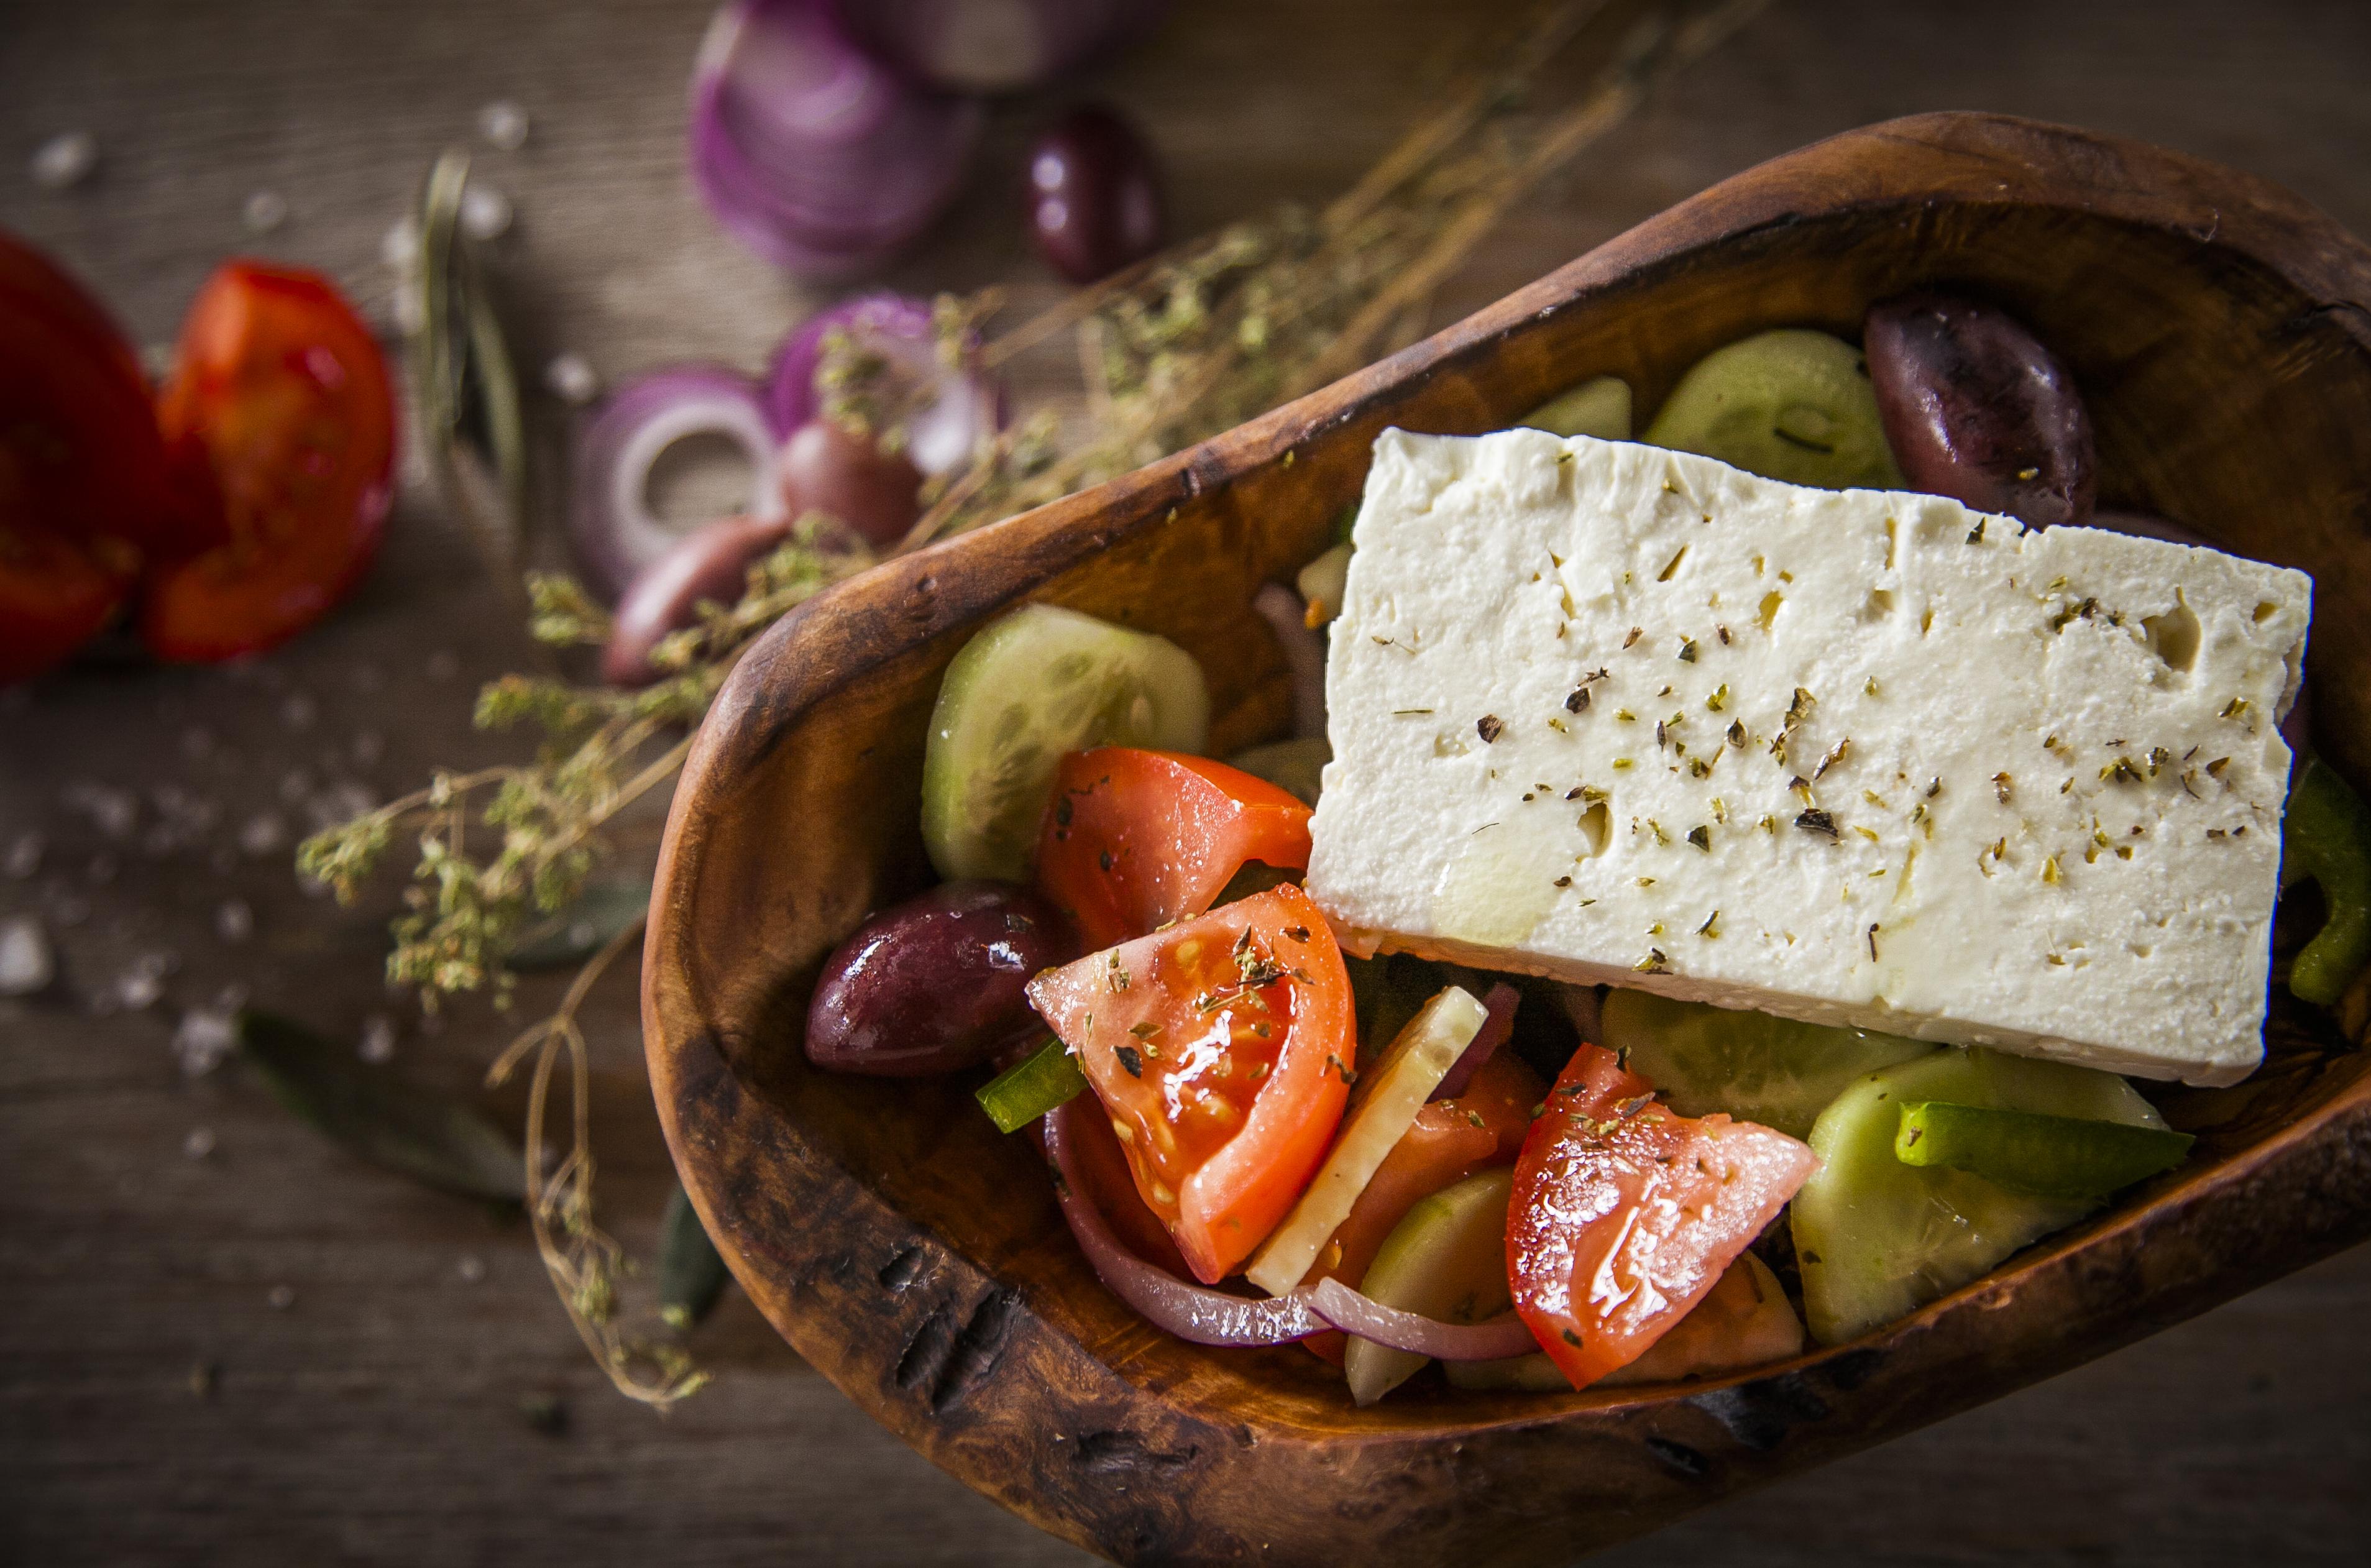 ресторан, еда, греция, греческая кухня, греческий ресторан